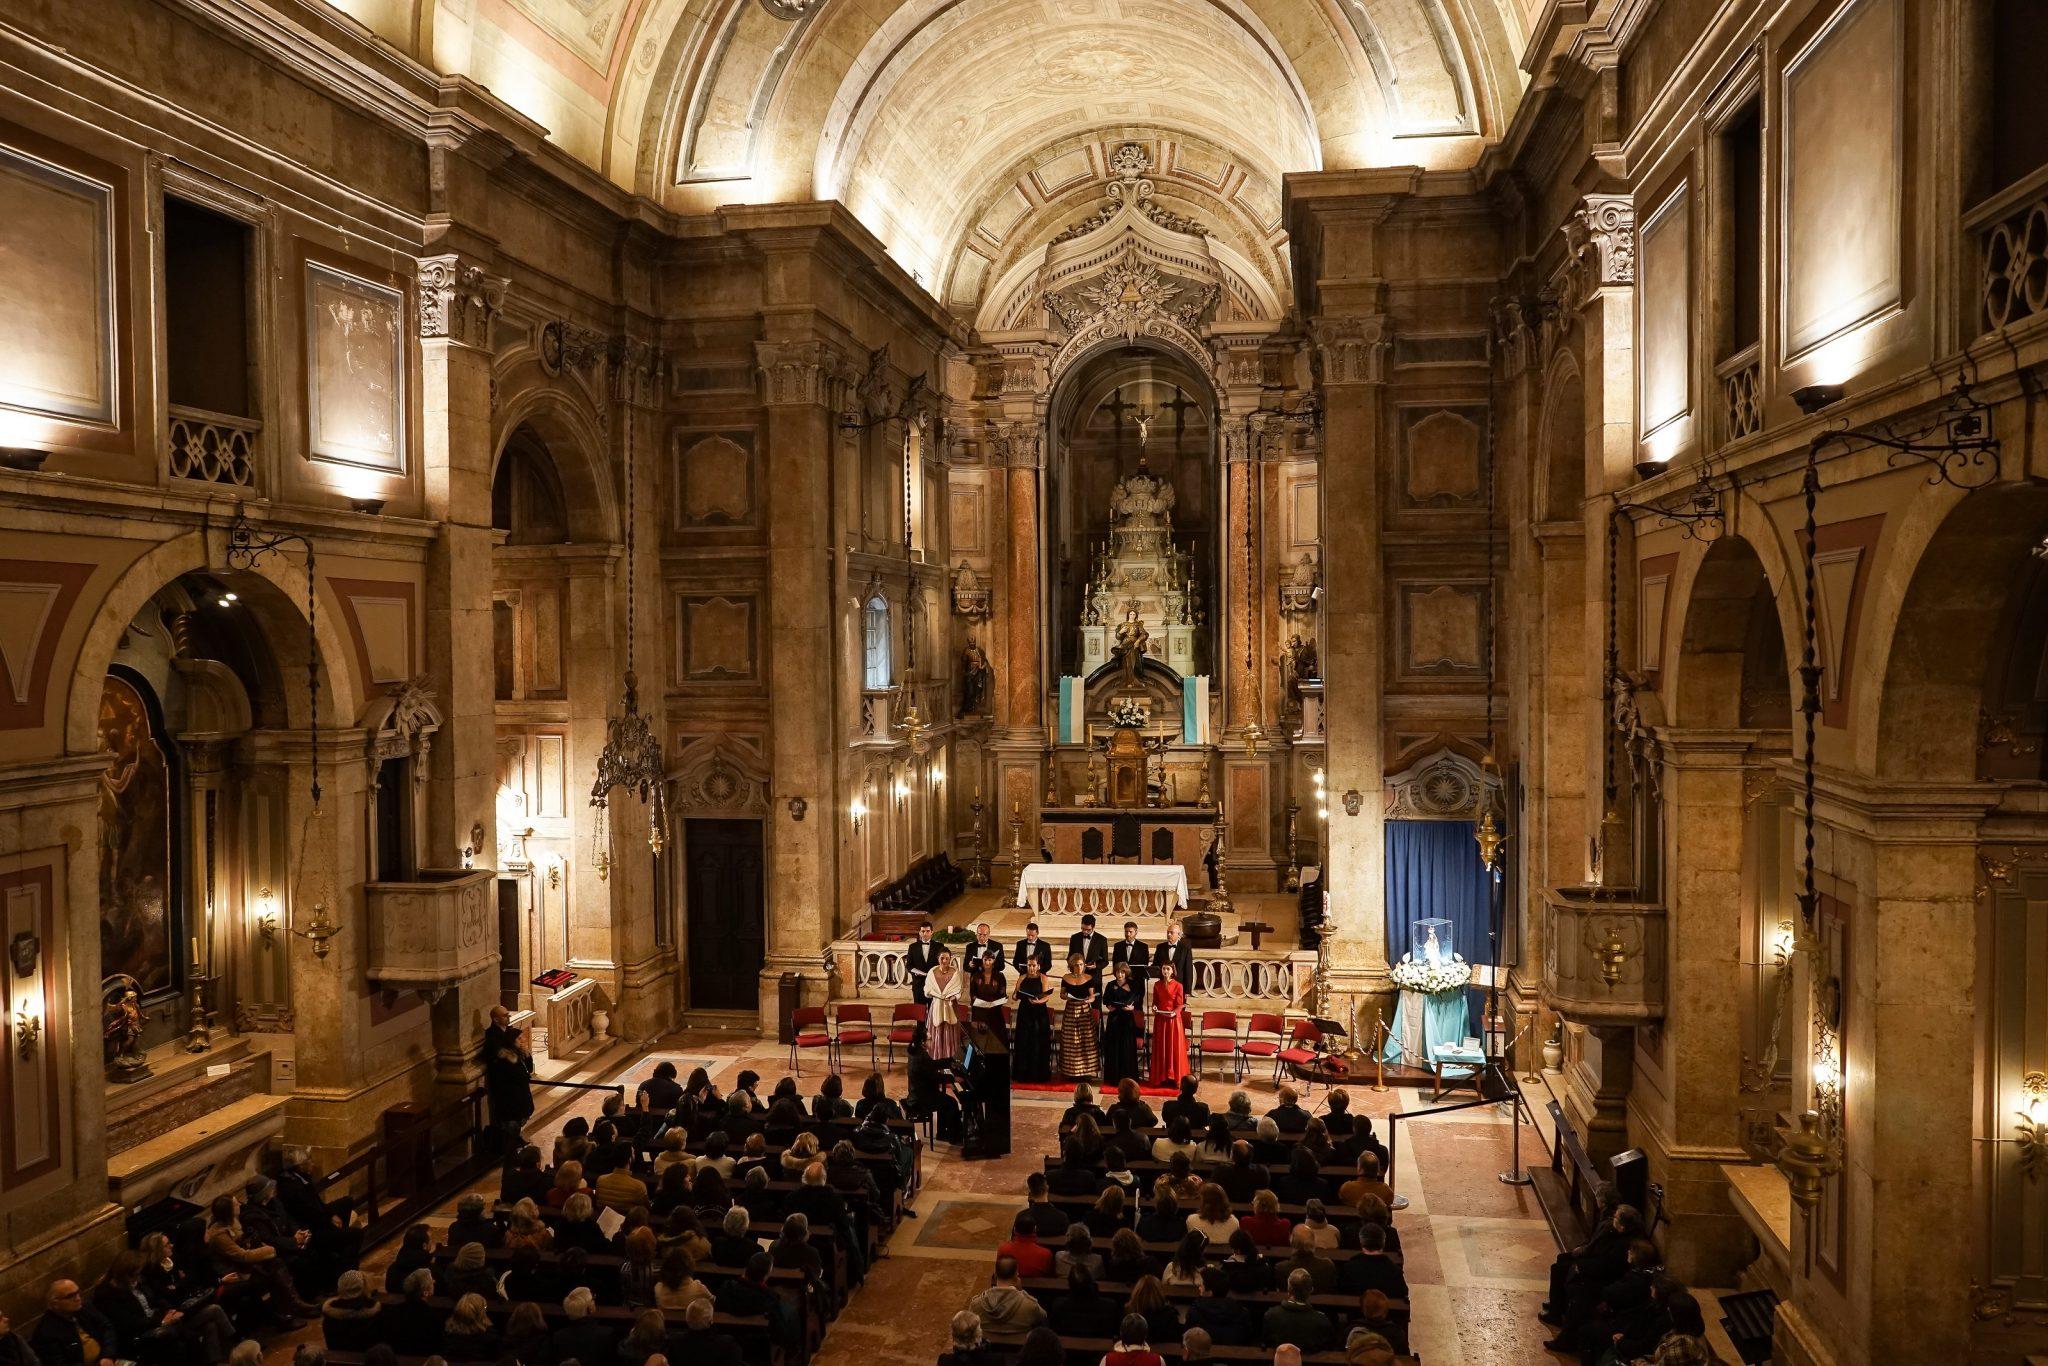 Interior da Igreja de Nossa Senhora do Amparo, com público sentado nos bancos a assistir a um concerto